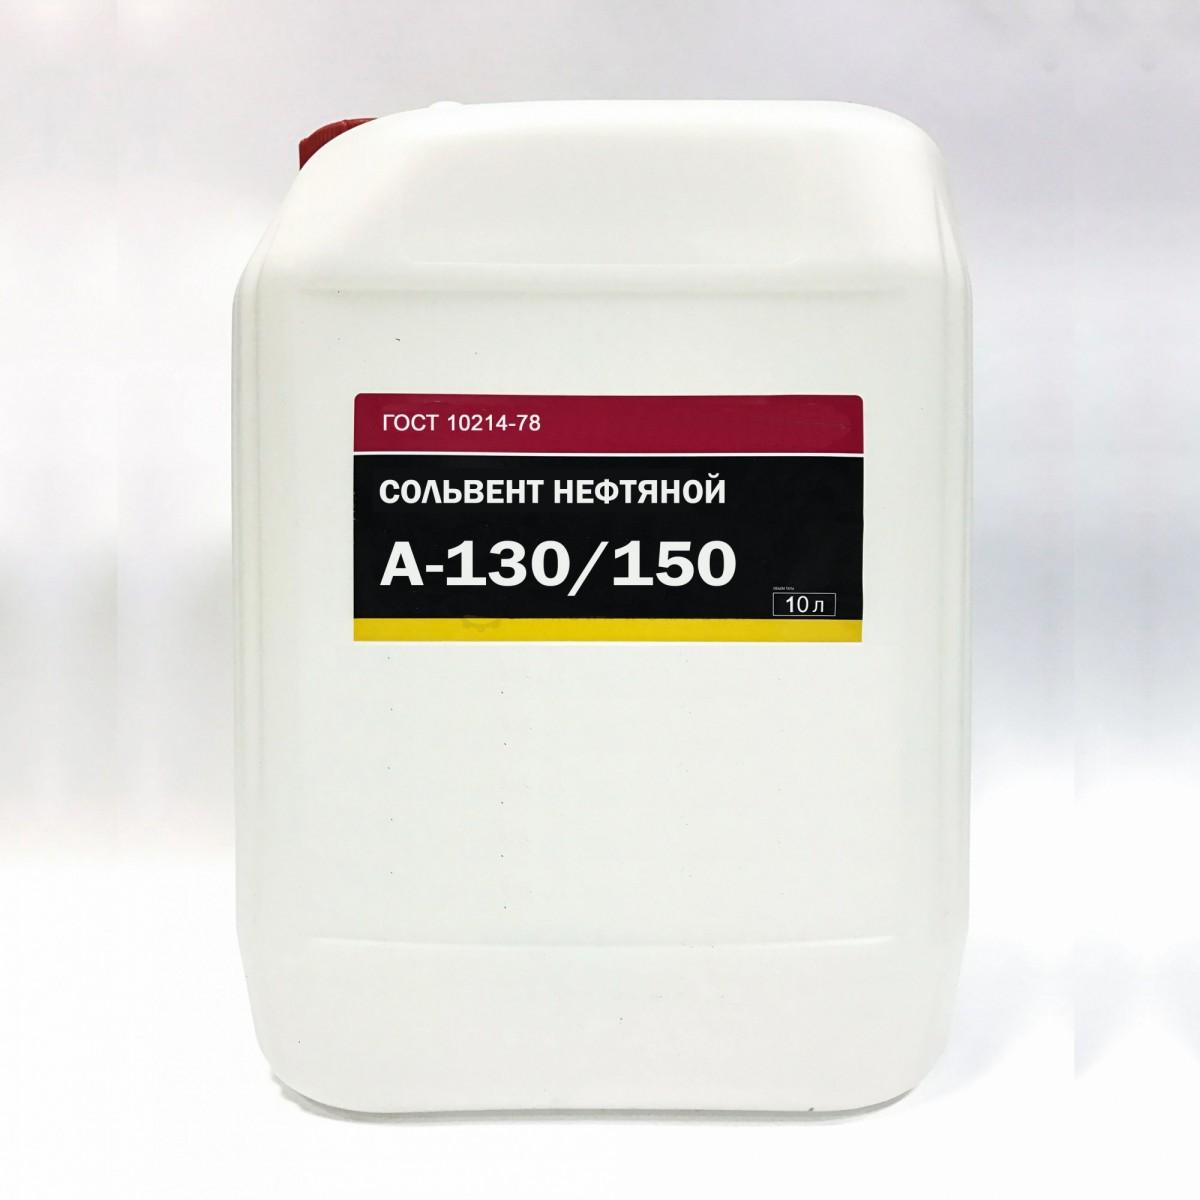 Сольвент нефтяной А-130/150 10л